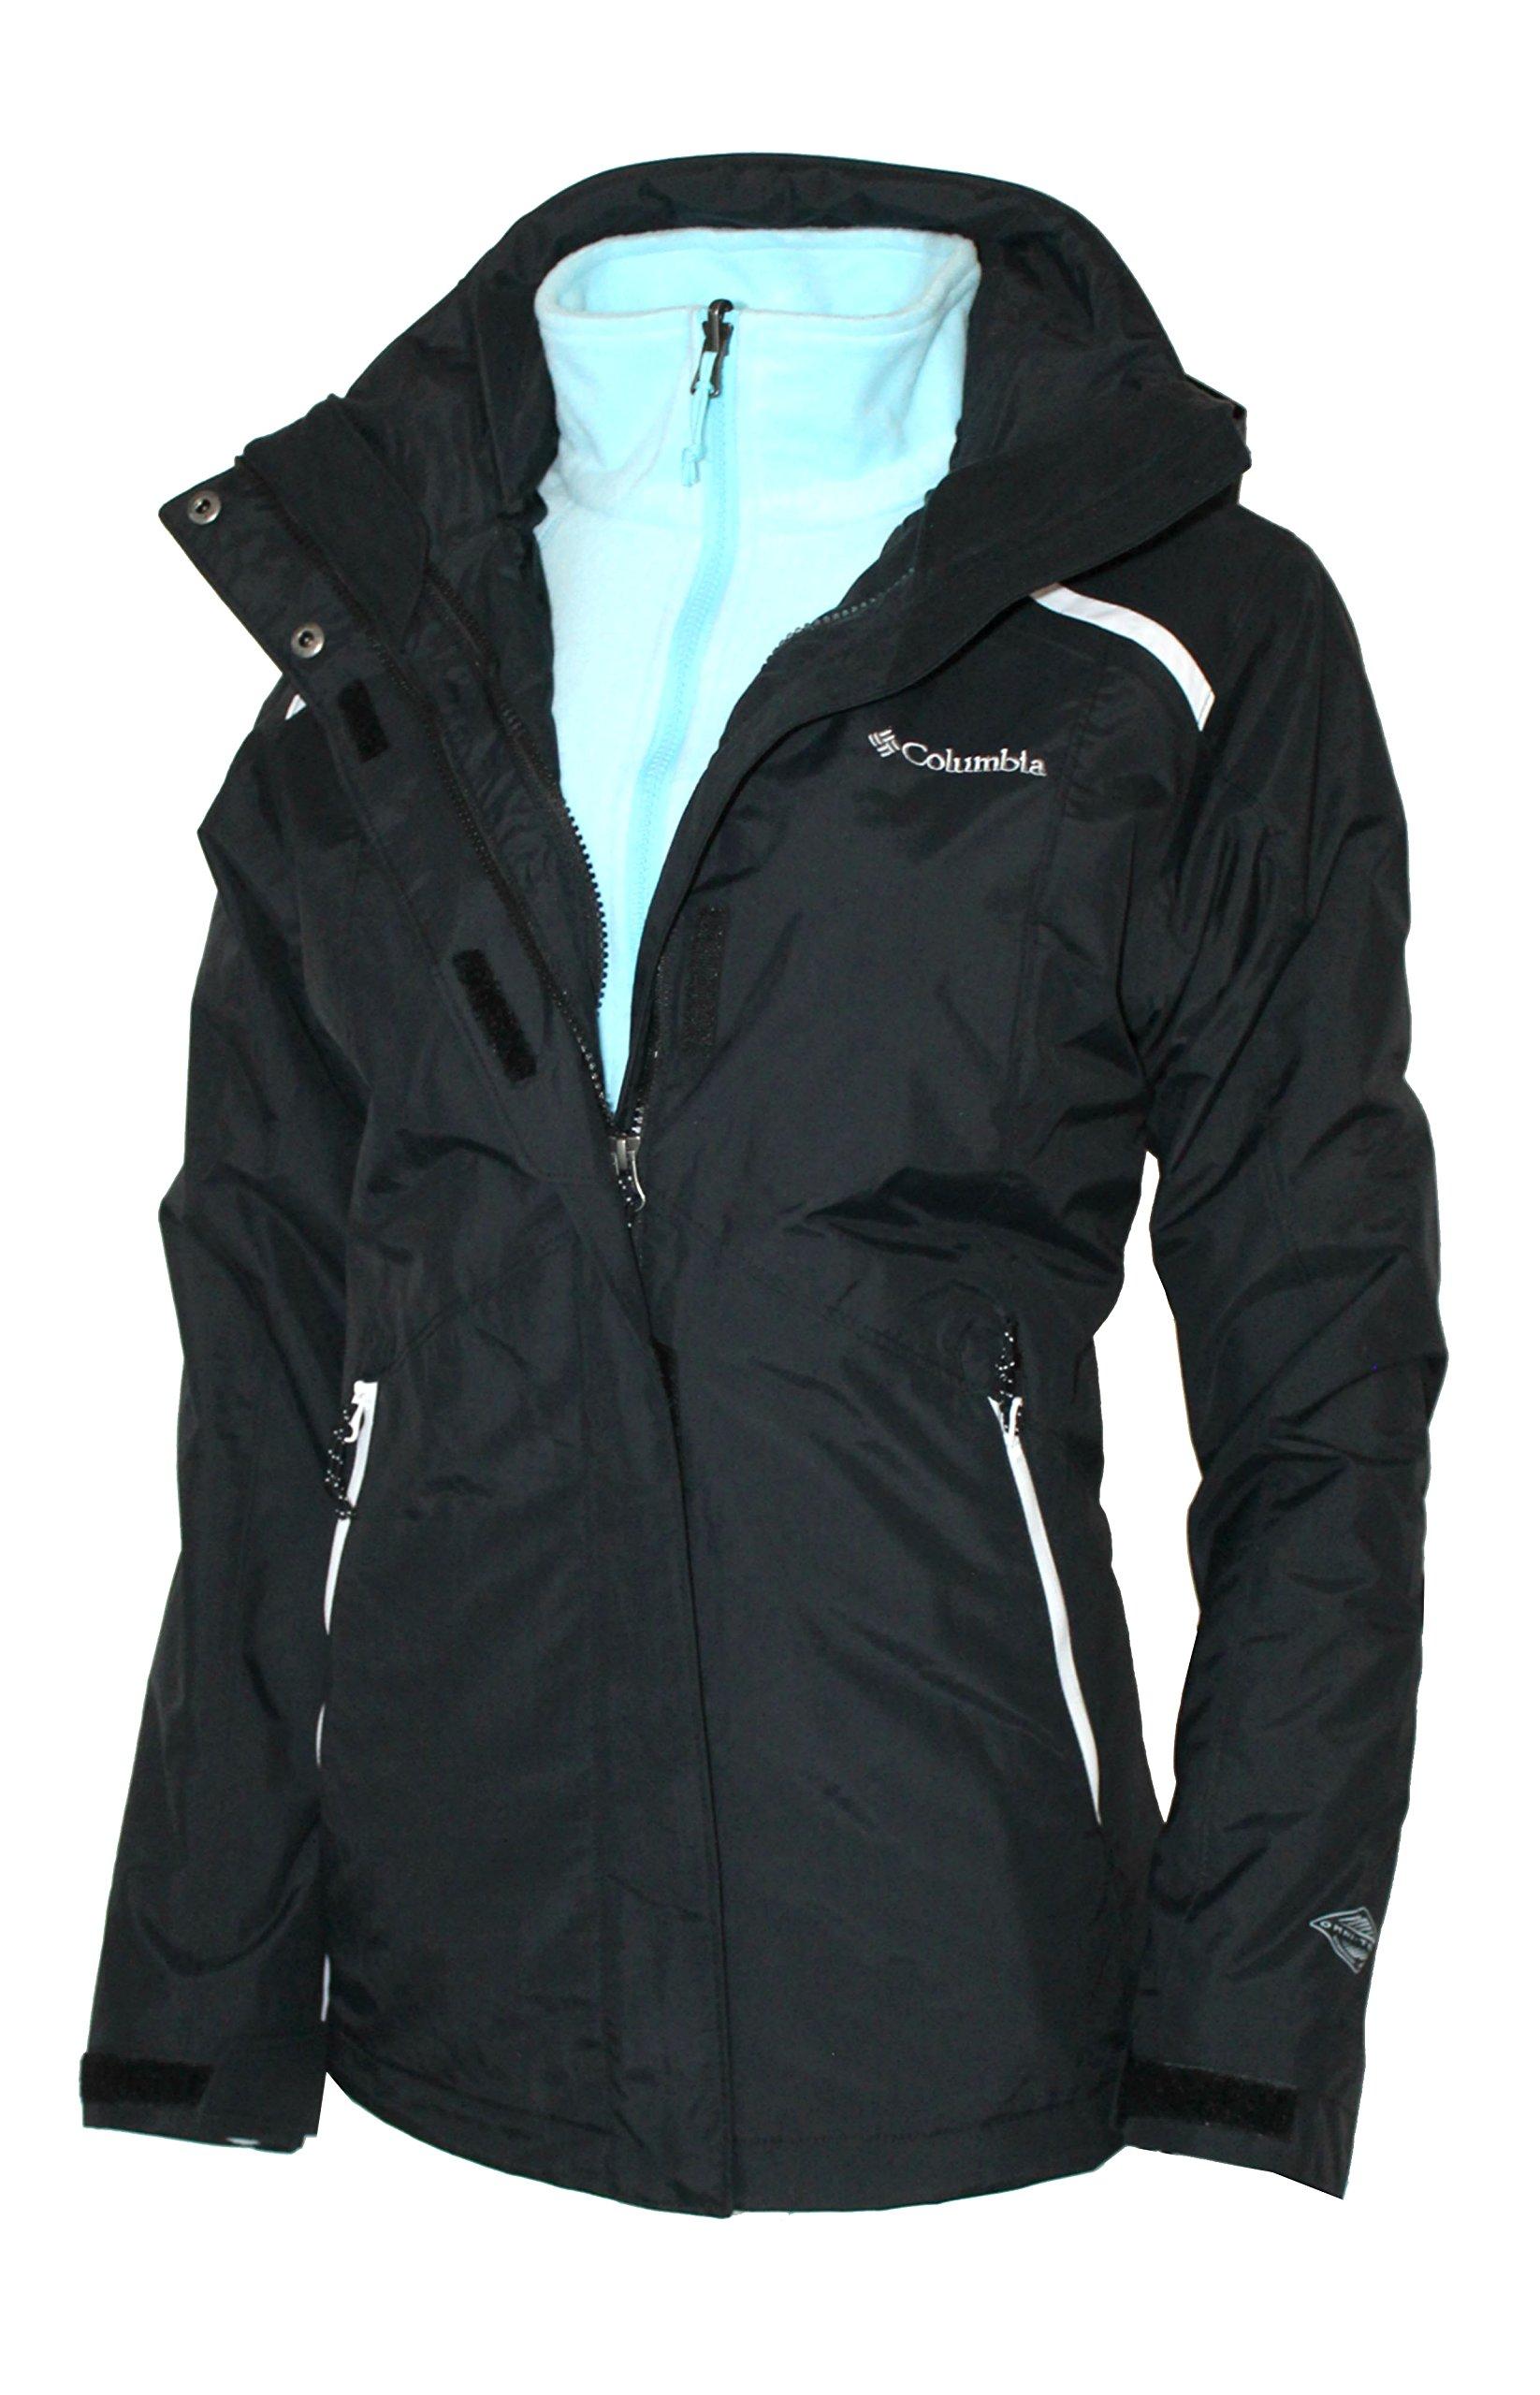 Columbia Women's 3 IN 1 Arctic Trip II Interchange Omni-Heat Winter Jacket (S) by Columbia